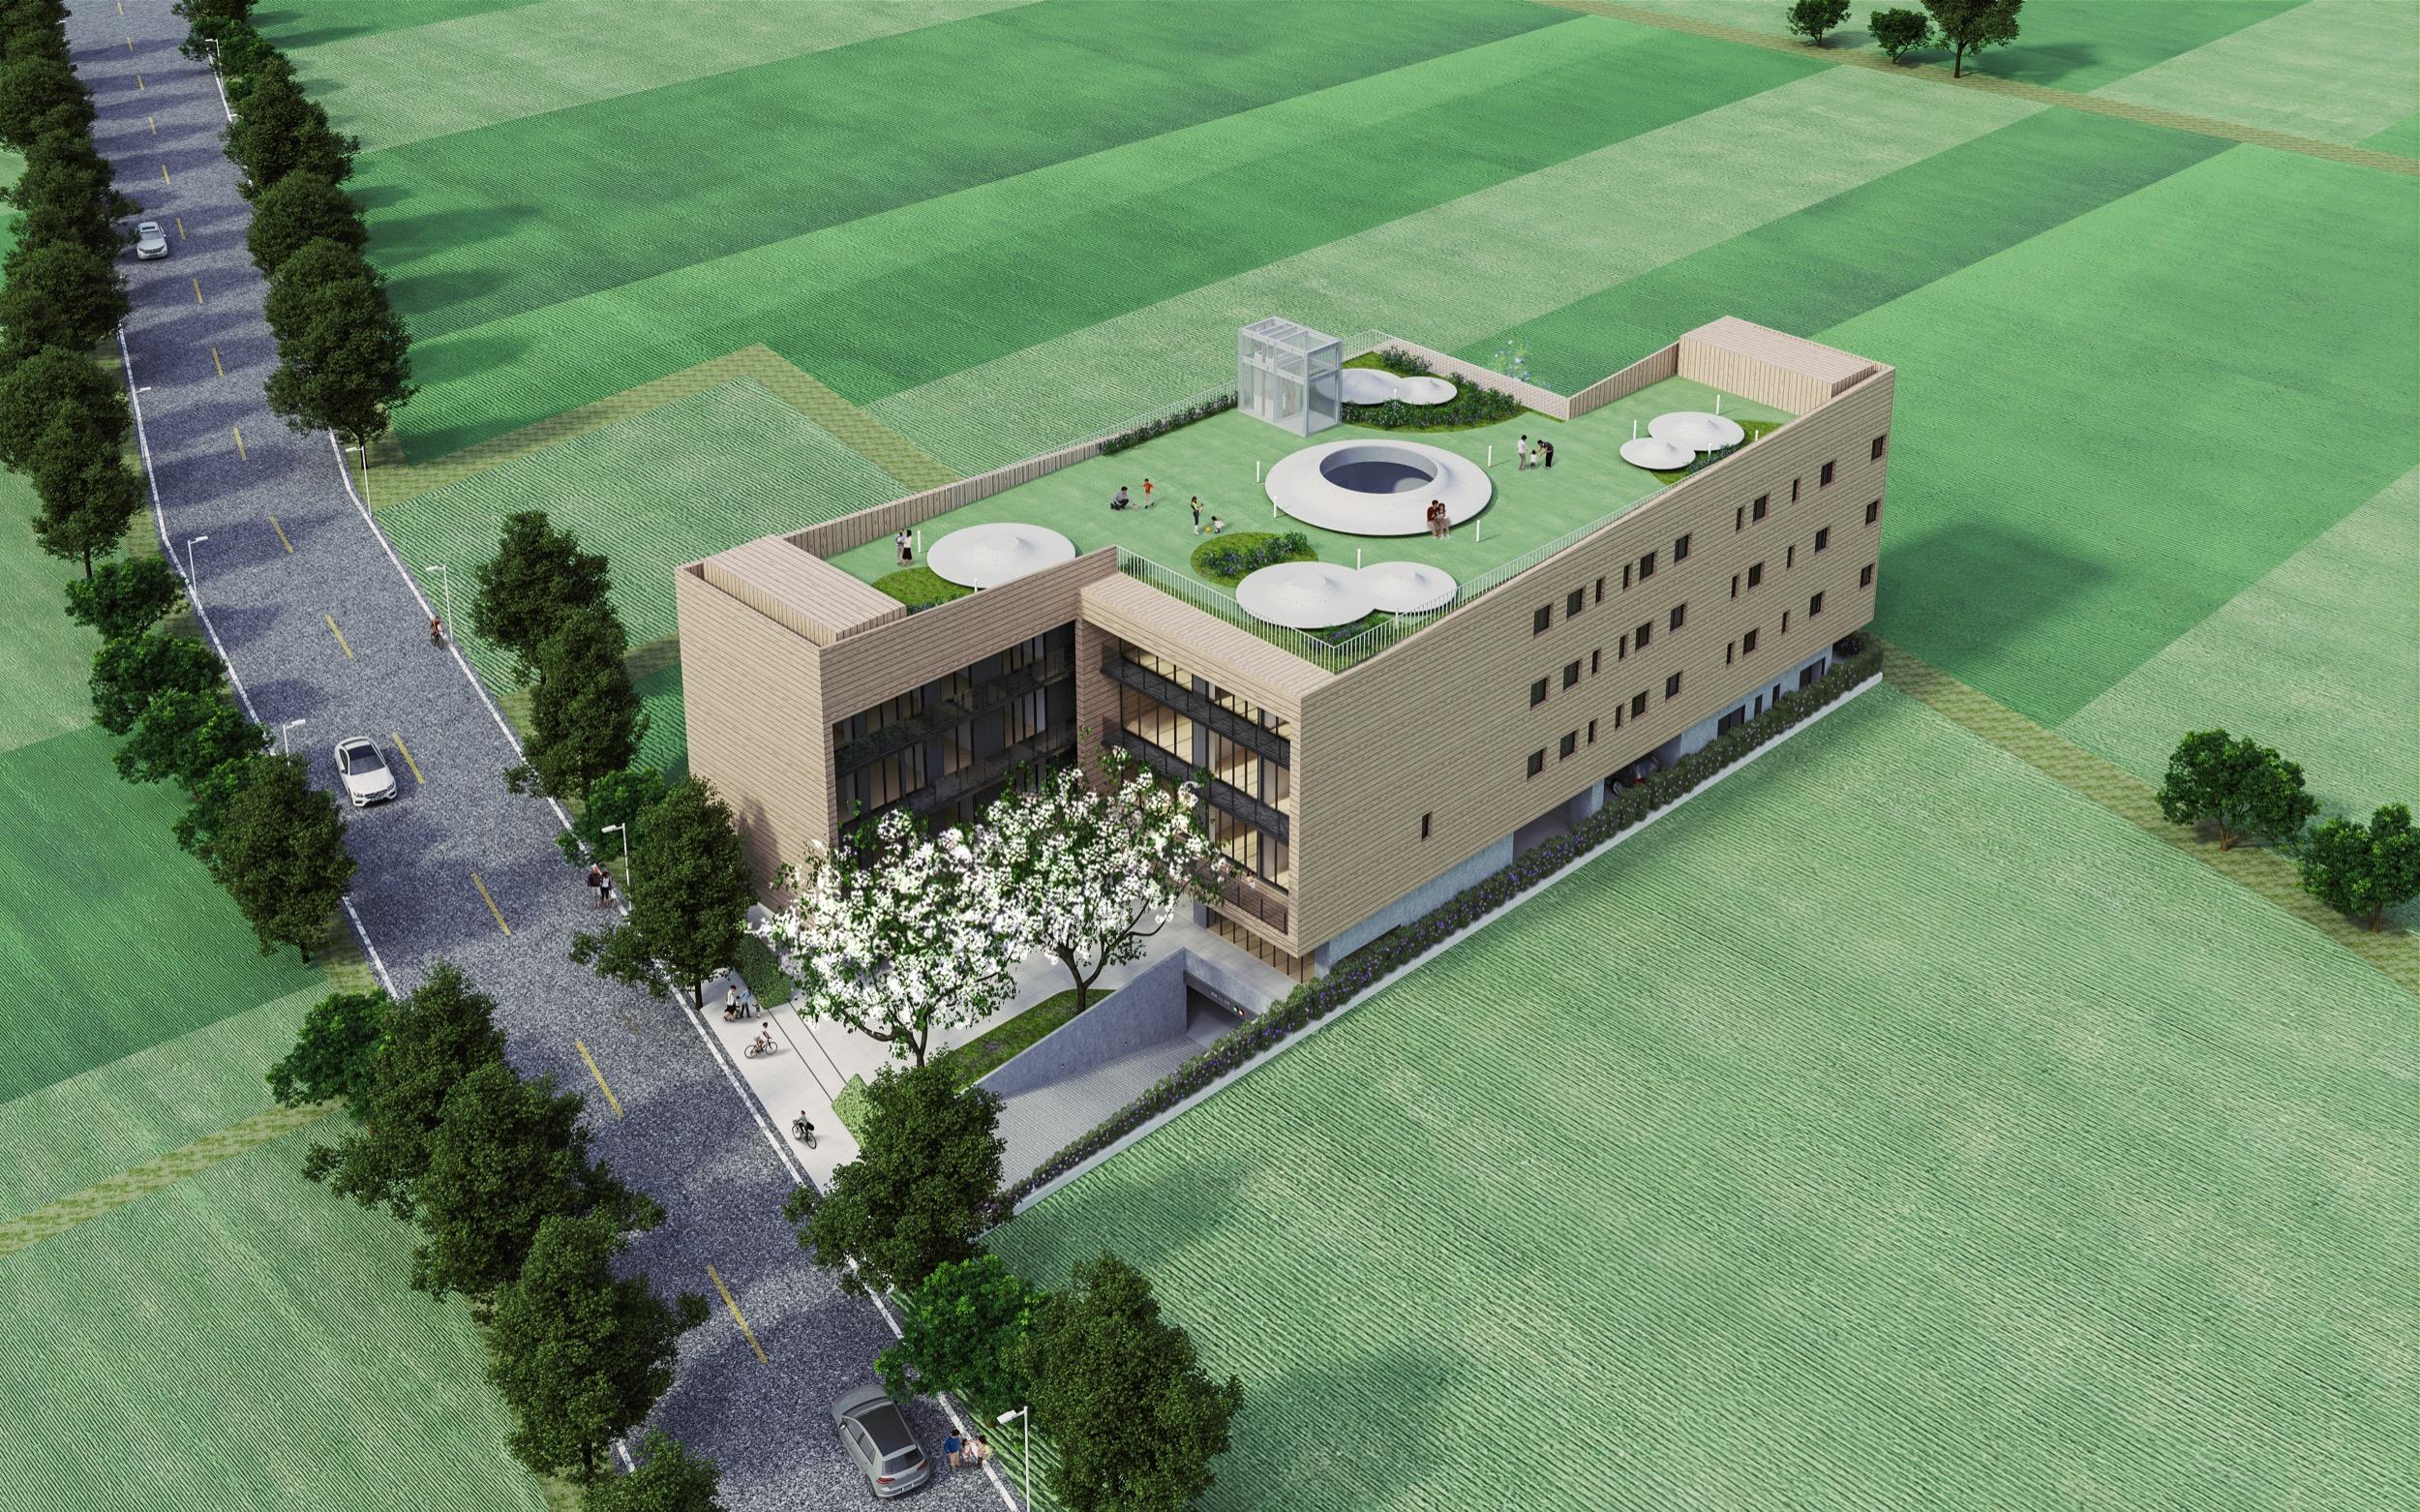 德築-DEZU-project-Zuxing-architecture-real-estate-engineering-5